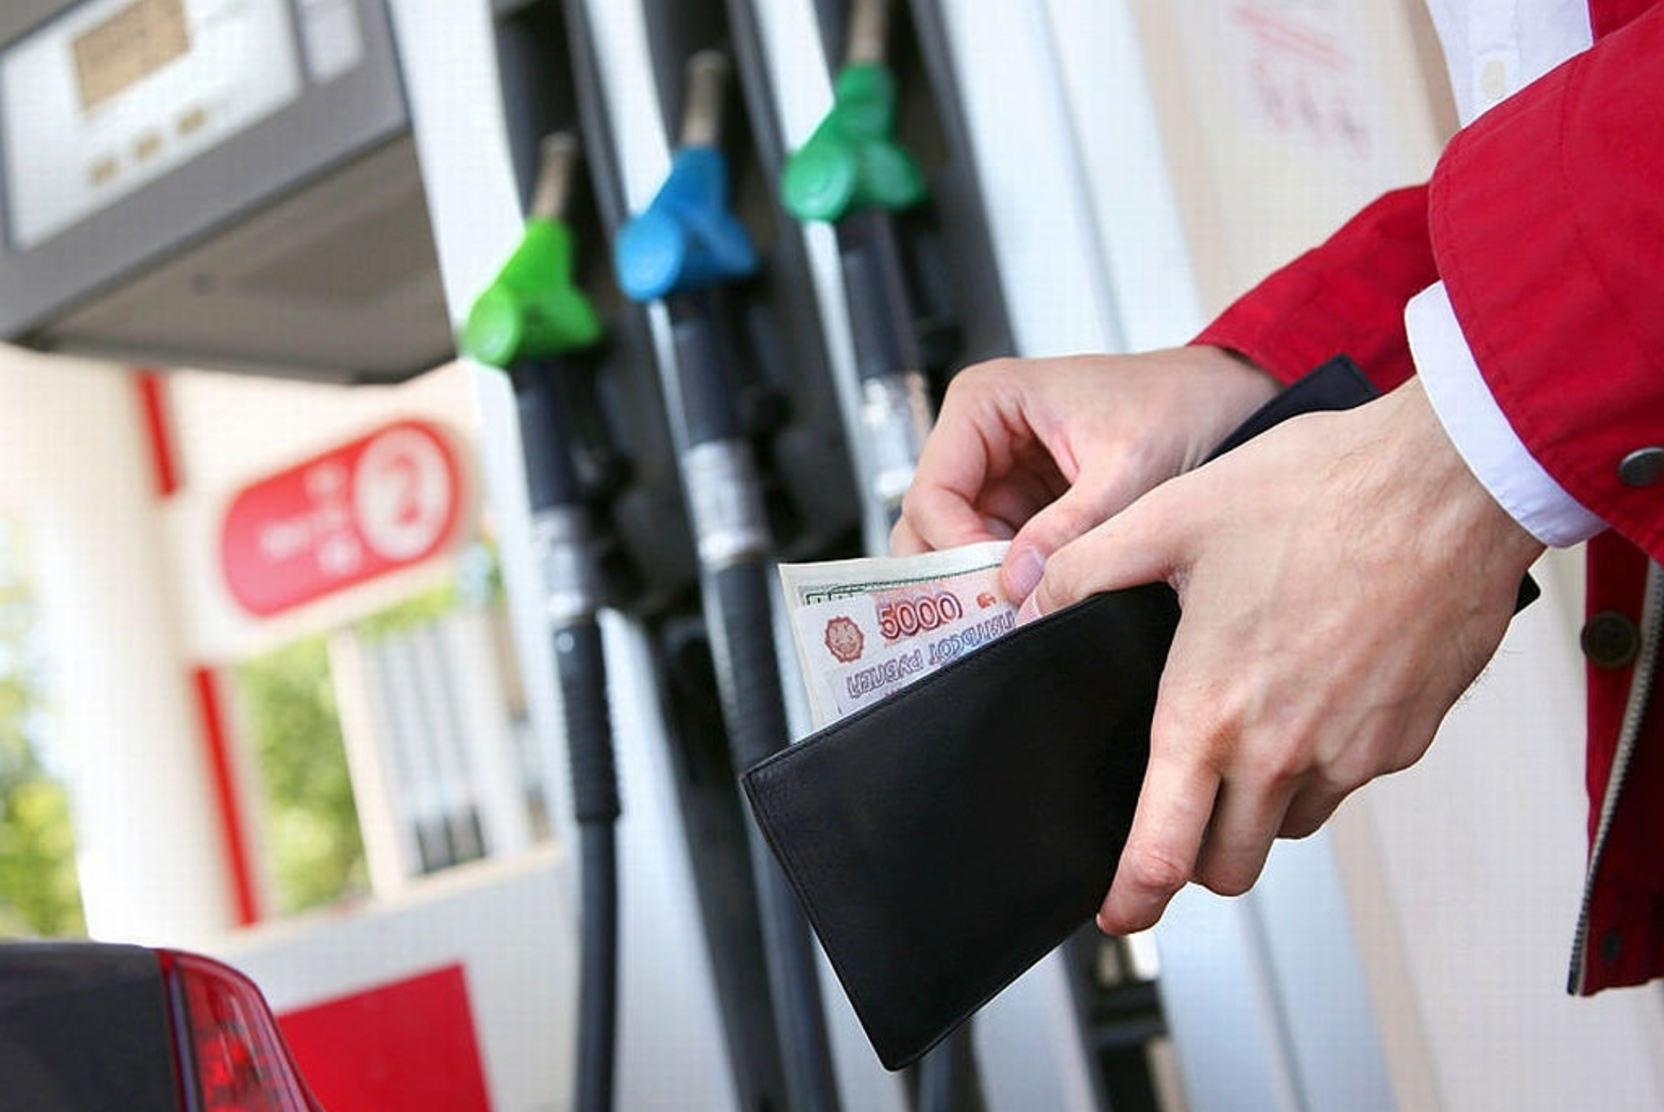 Топливный союз спрогнозировал цены на бензин к концу года